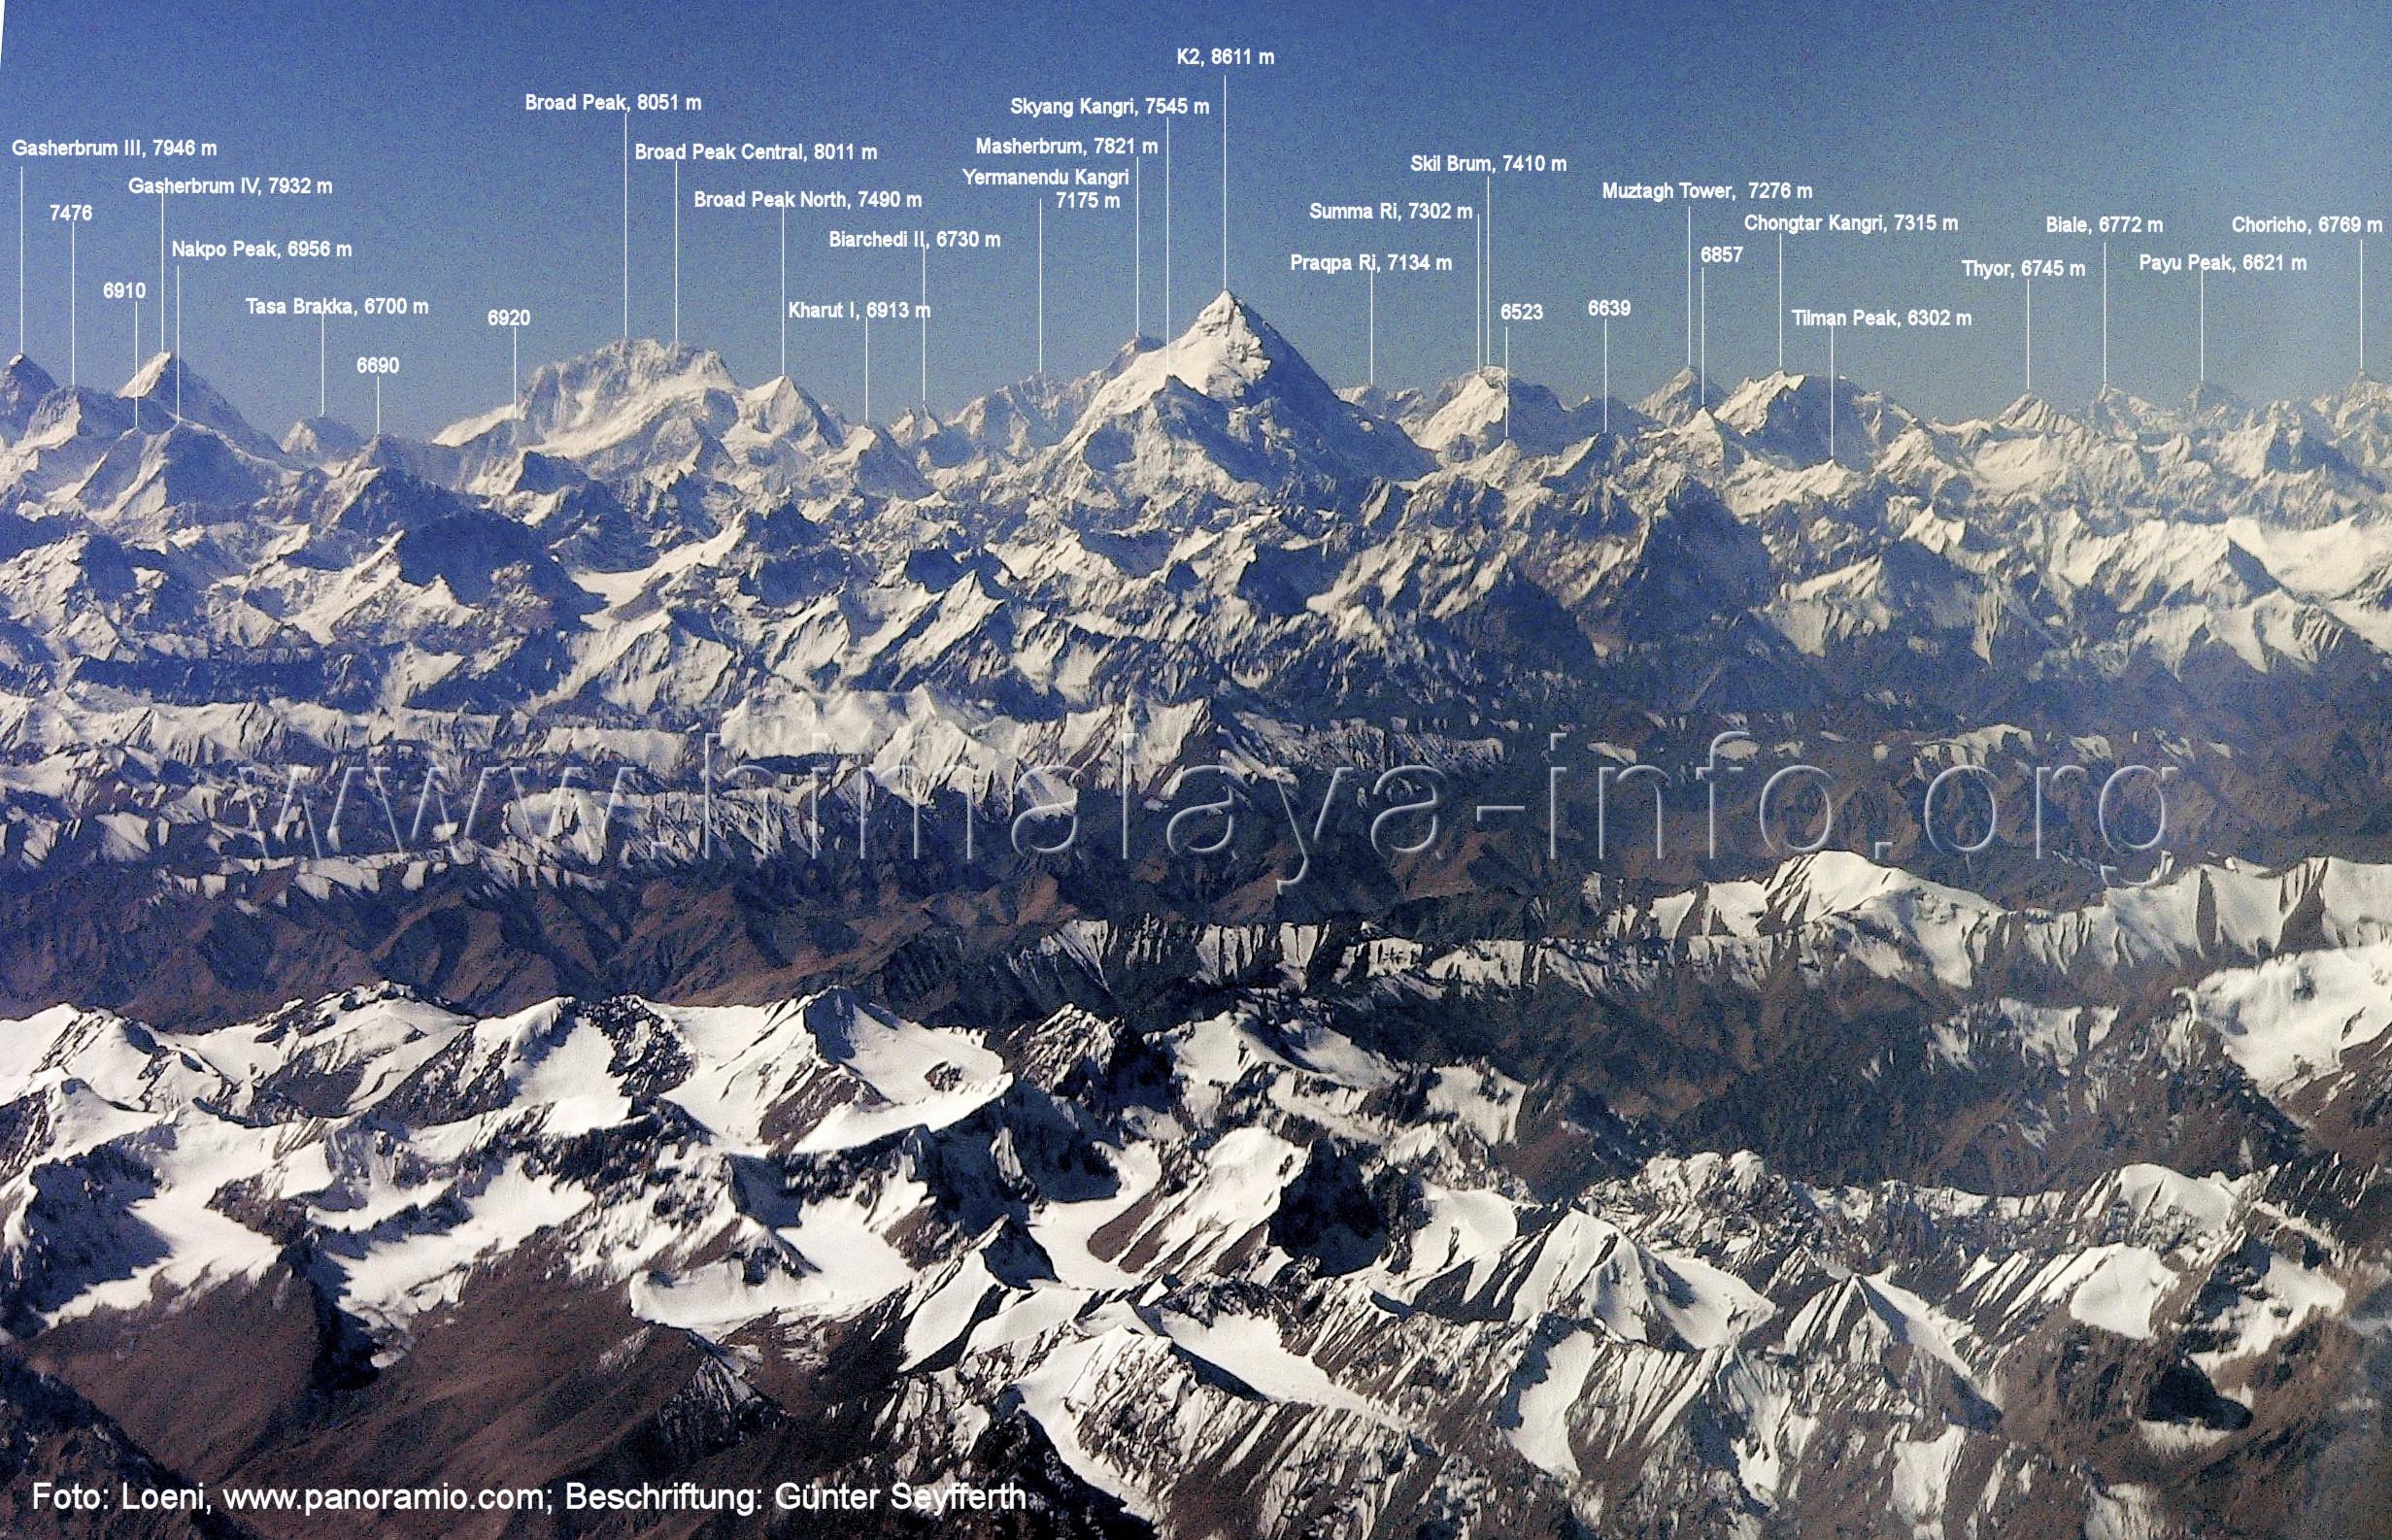 Mit diesem Bild endet unser virtueller Flug entlang des Nordrandes des  Karakorum.